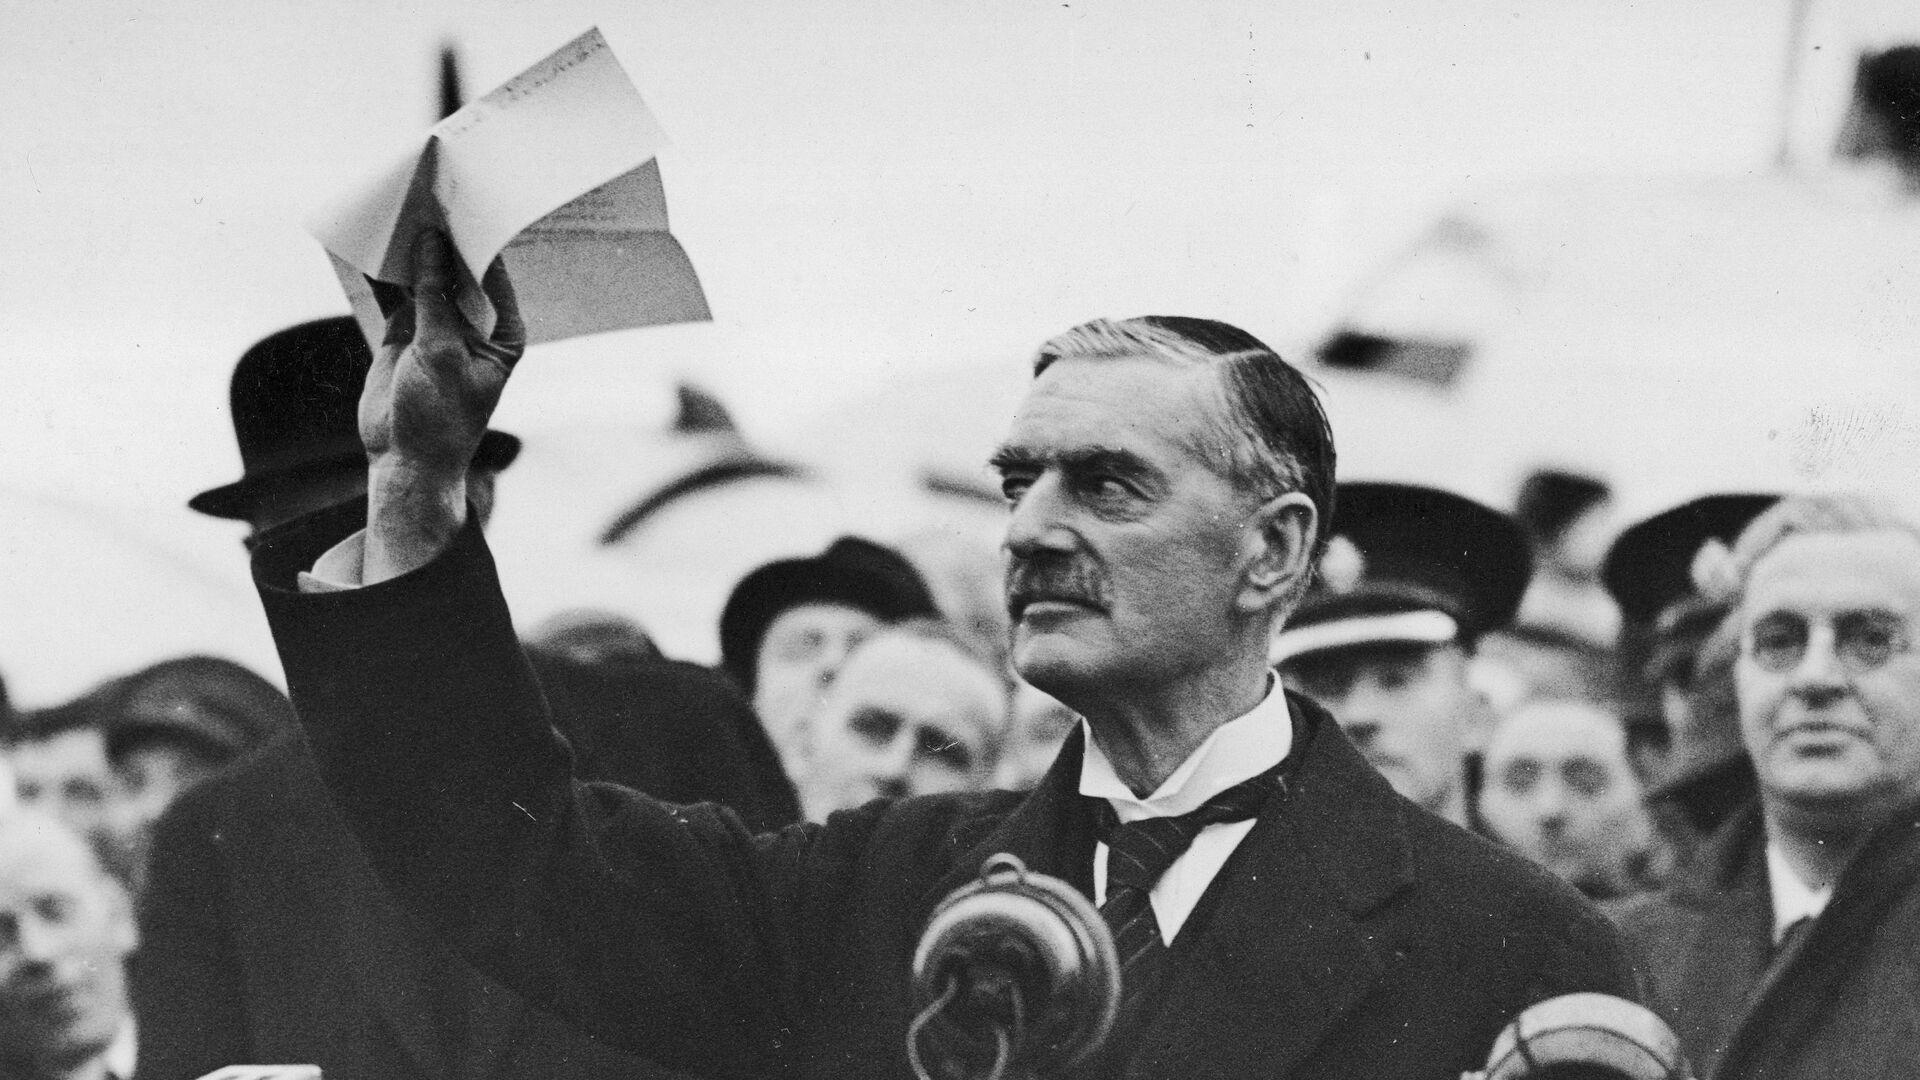 Britský premiér Chamberlain po návratu do Londýna o Mnichovské dohodě: Přivezl jsem vám mír! - Sputnik Česká republika, 1920, 21.06.2021